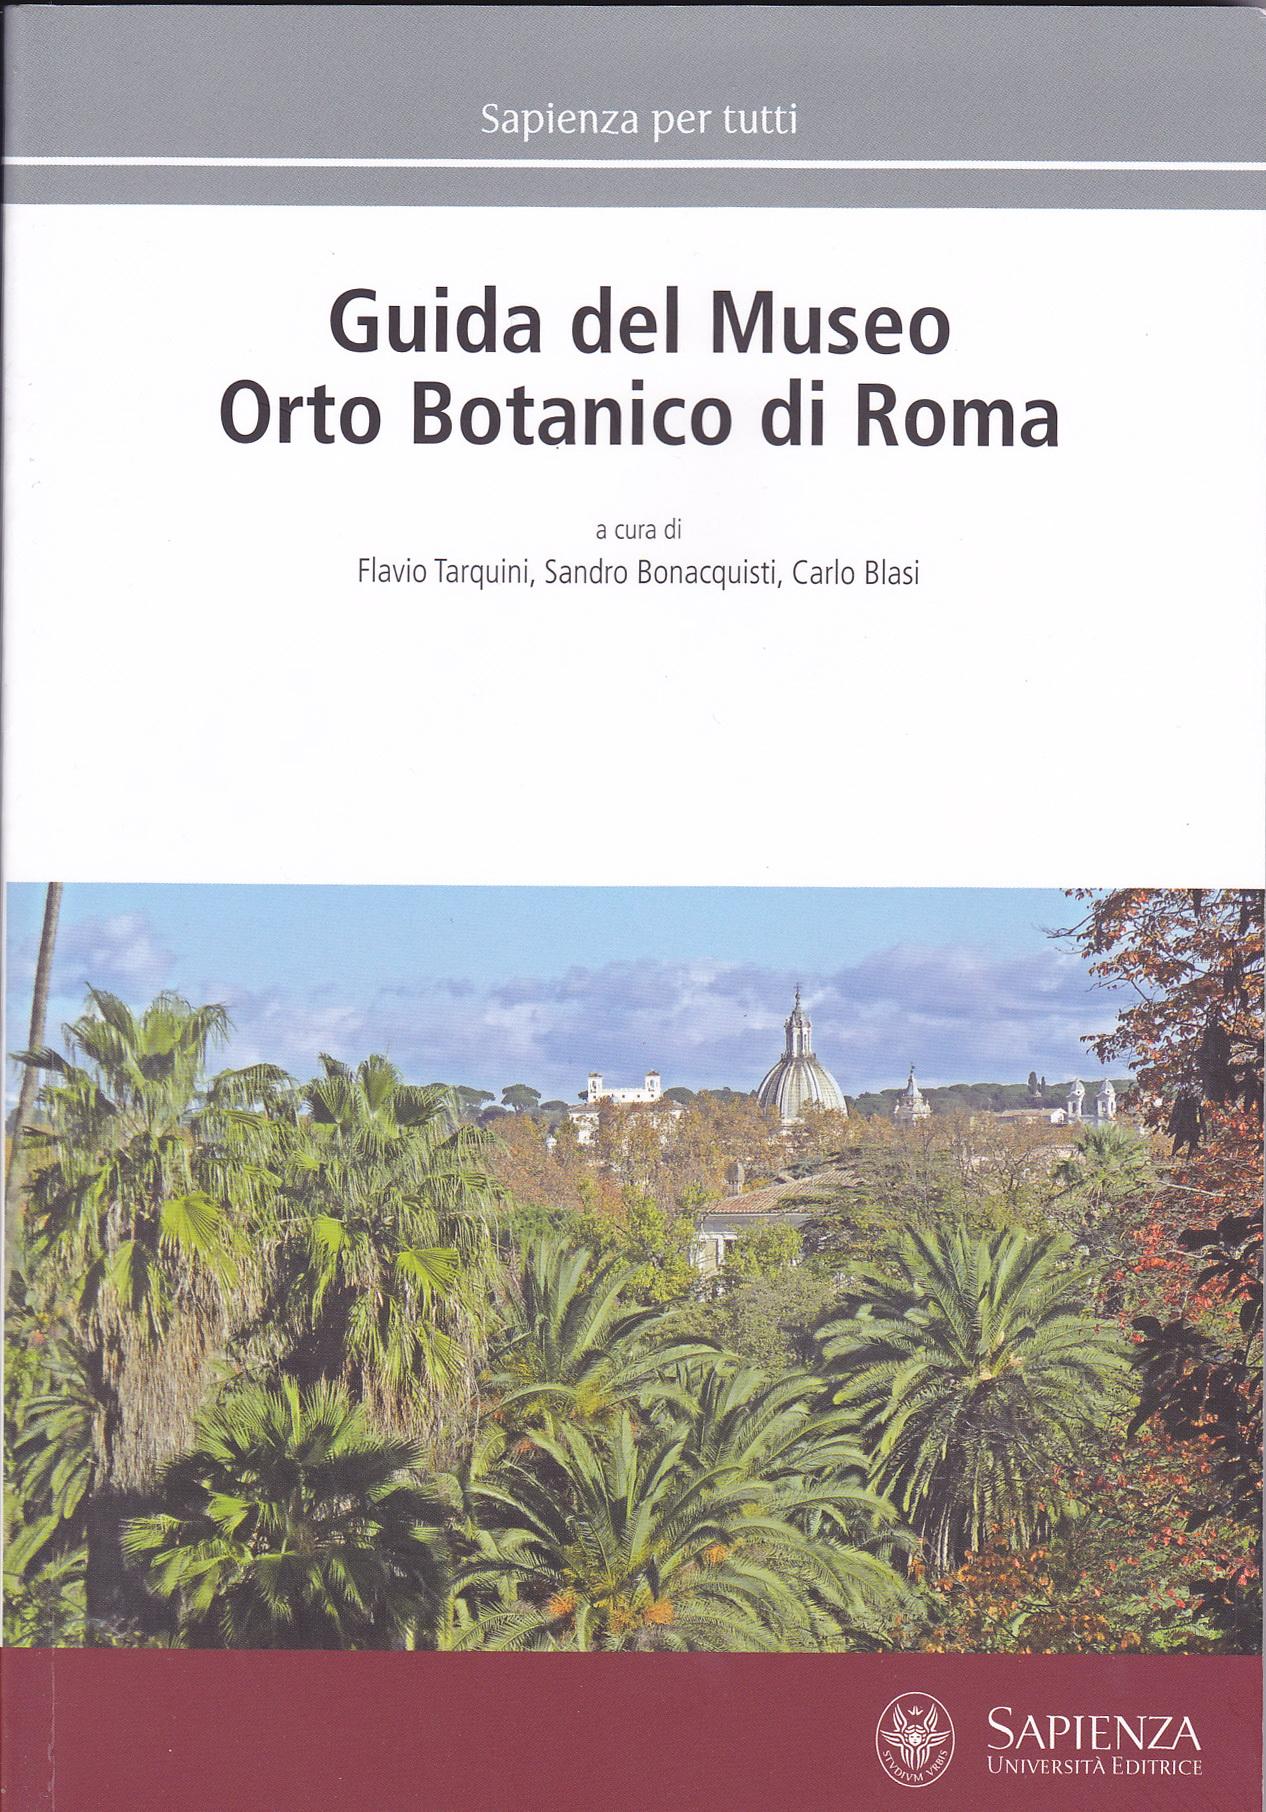 Guida del Museo Orto Botanico di Roma